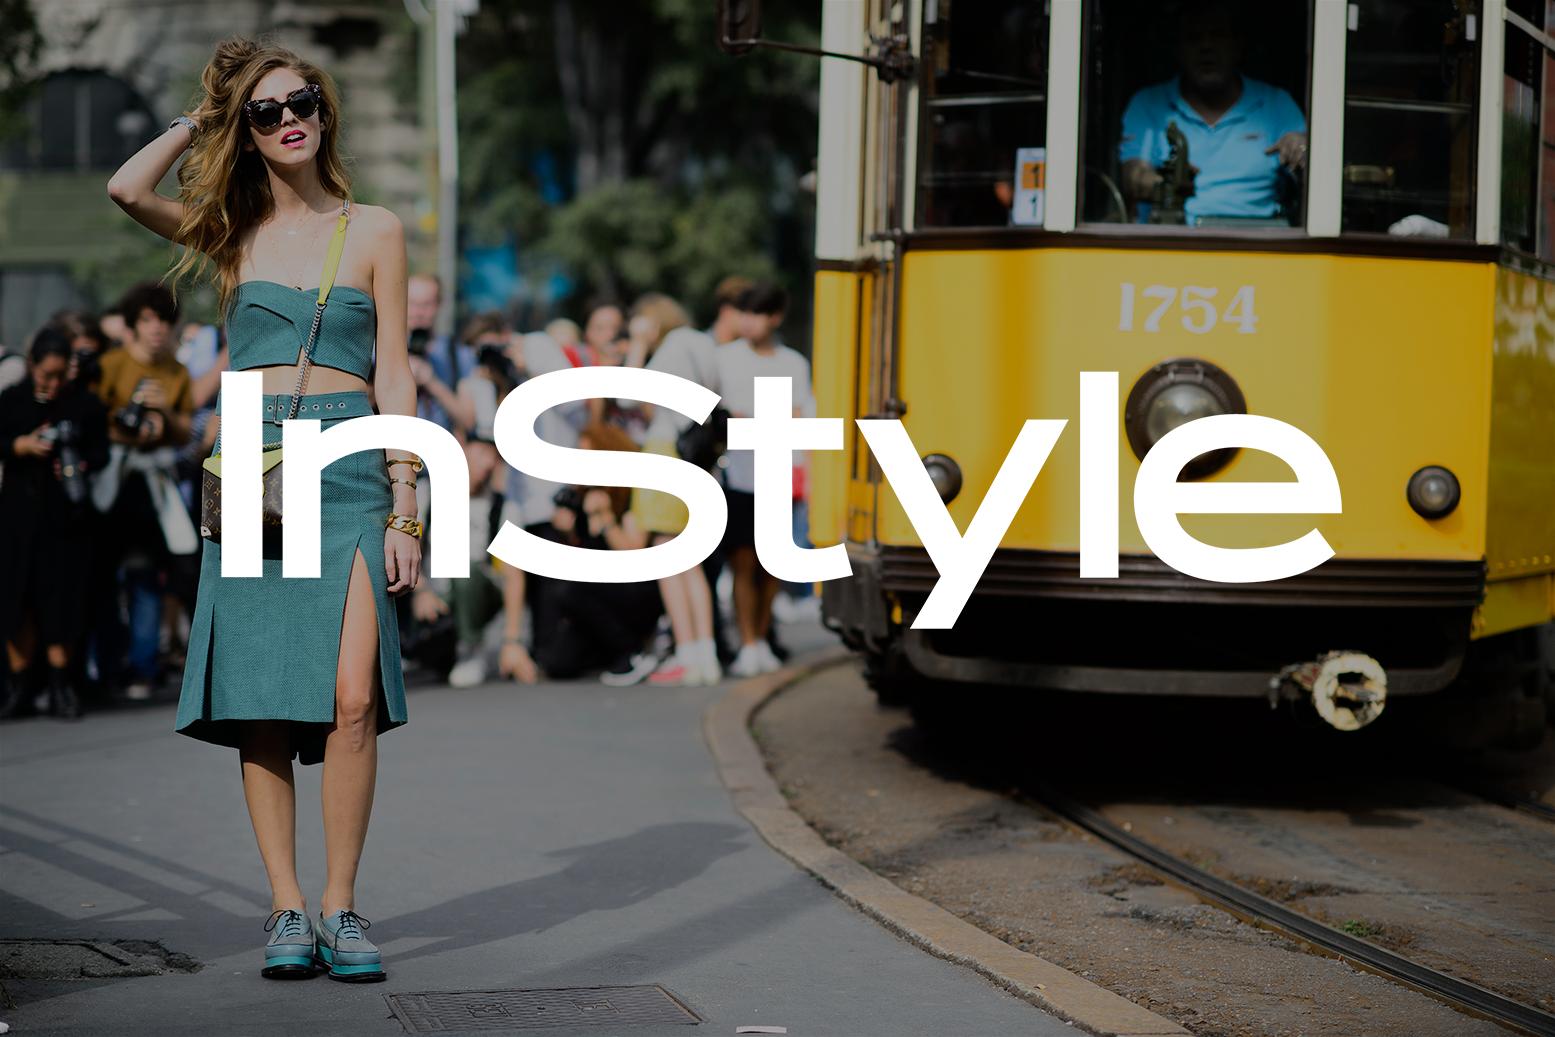 Das Magazin für Fashion, Beauty, Lifestyle & Stars. Wir zeigen dir die aktuellsten Trends, die heißesten Storys und die besten Shopping-Tipps!